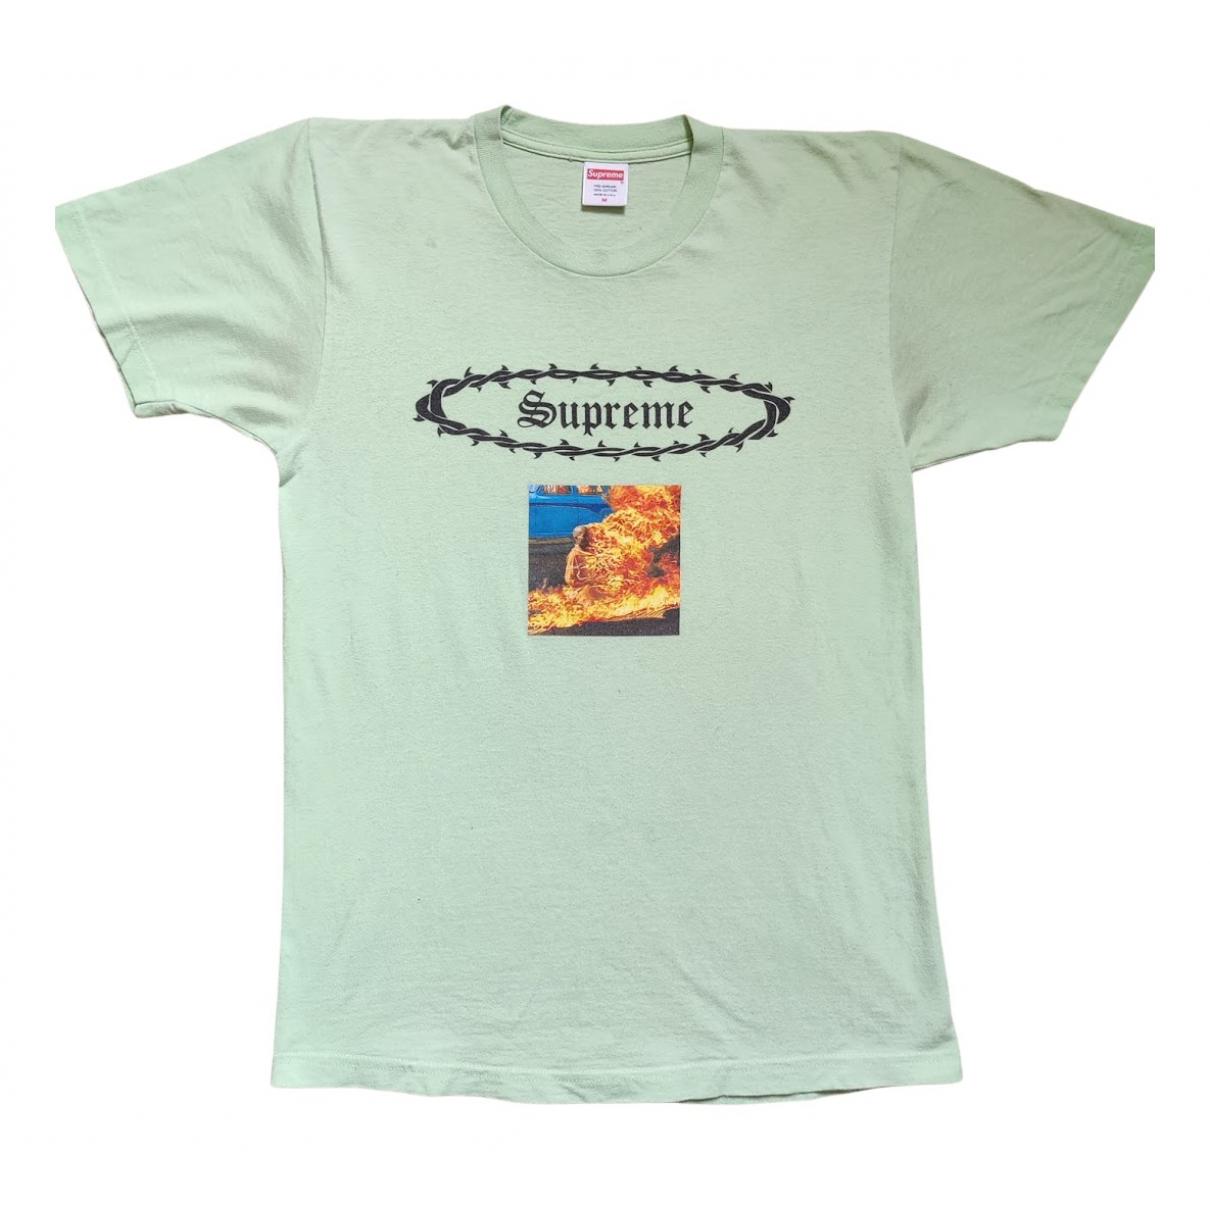 Supreme - Tee shirts   pour homme en coton - vert